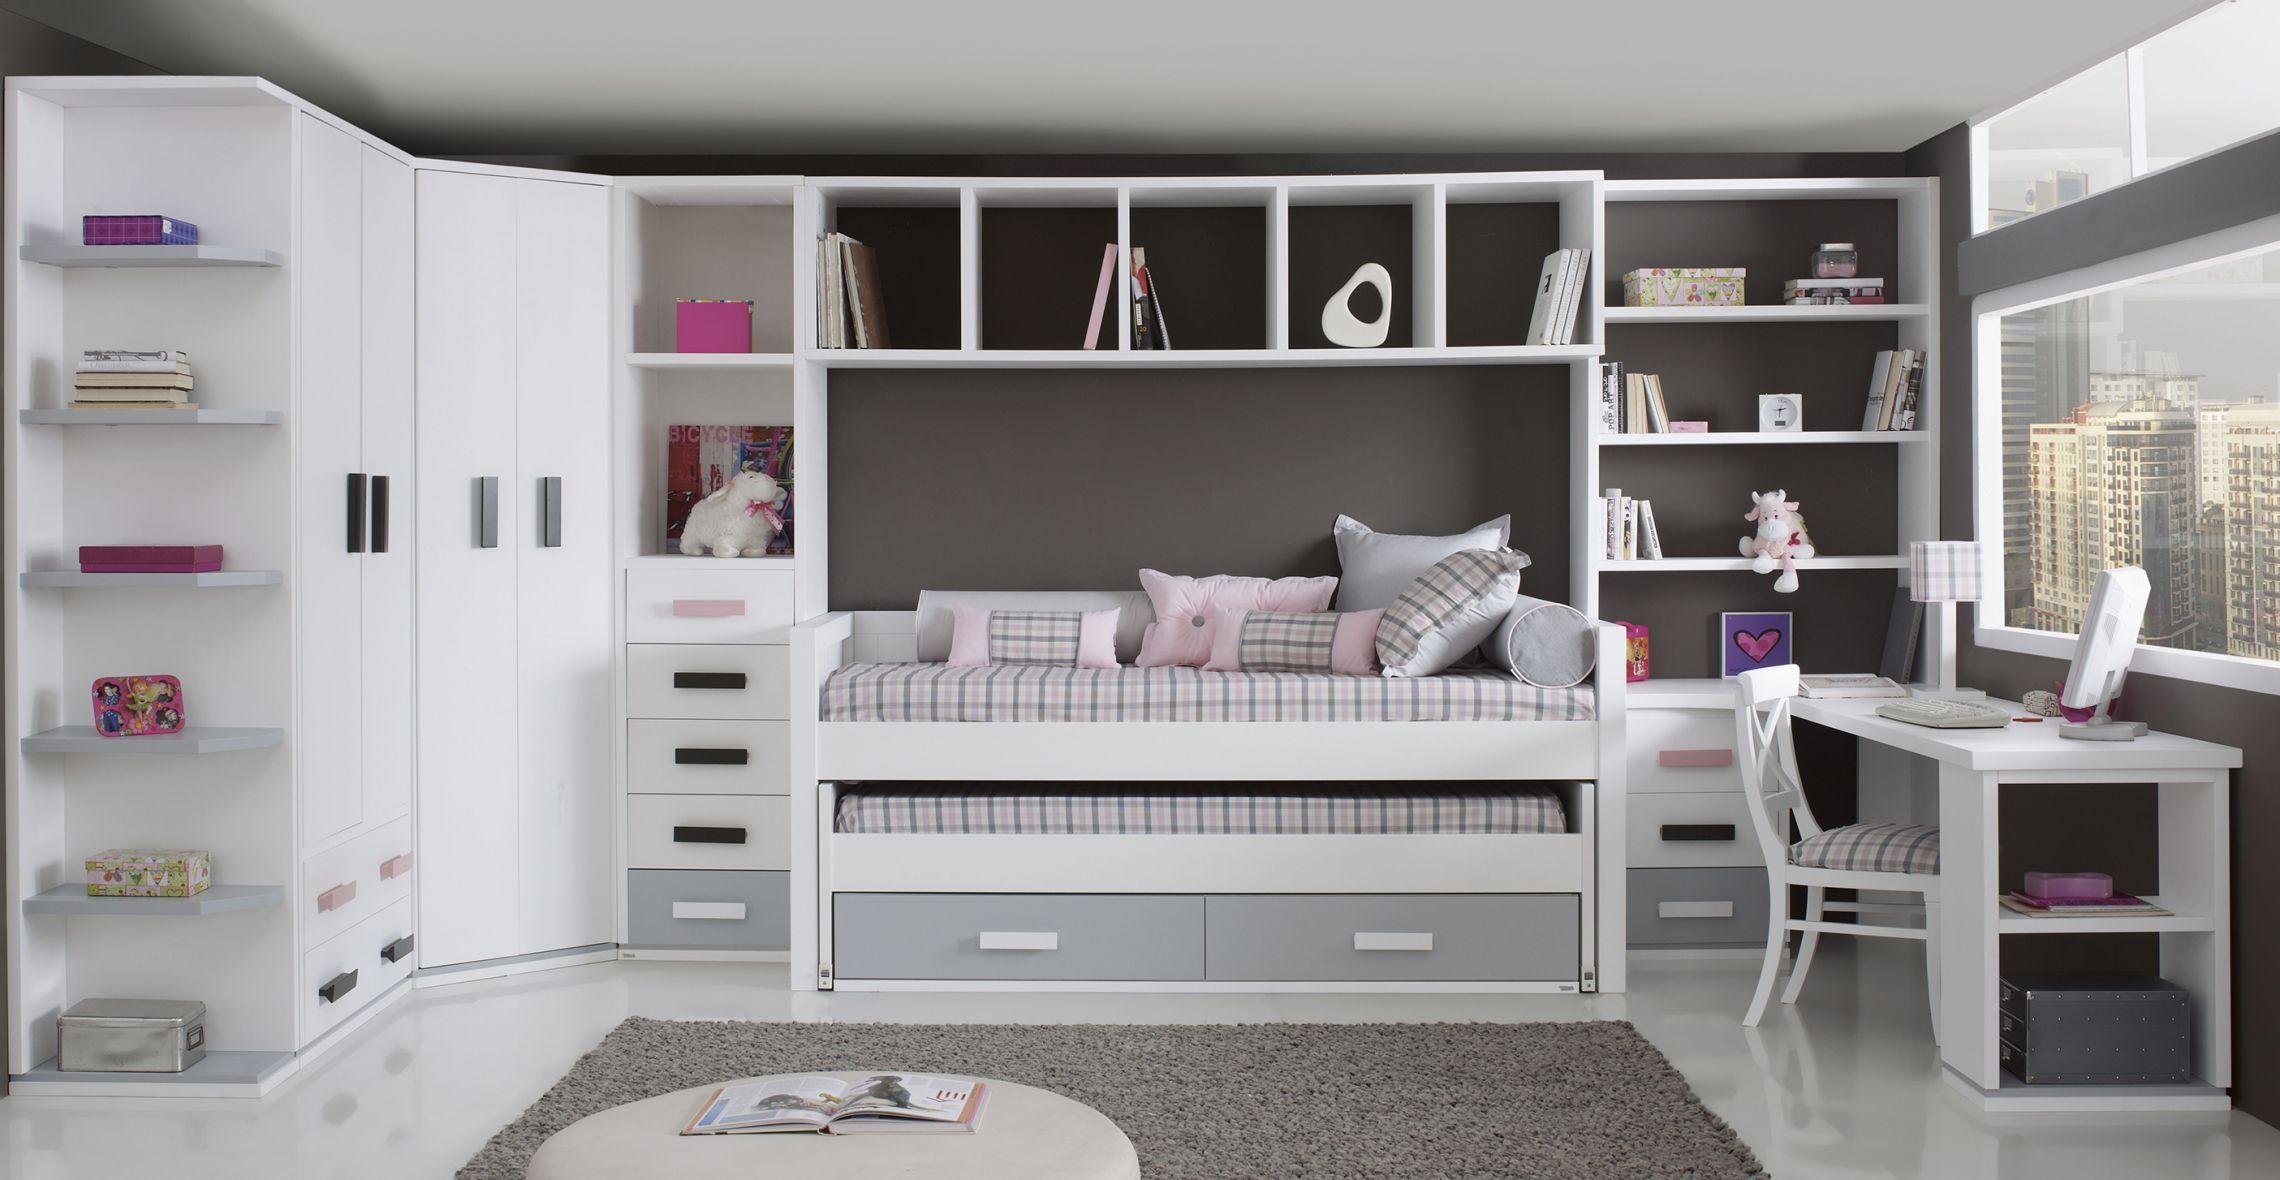 dormitorios juveniles - Tienda de muebles de Badajoz y Extremadura ...